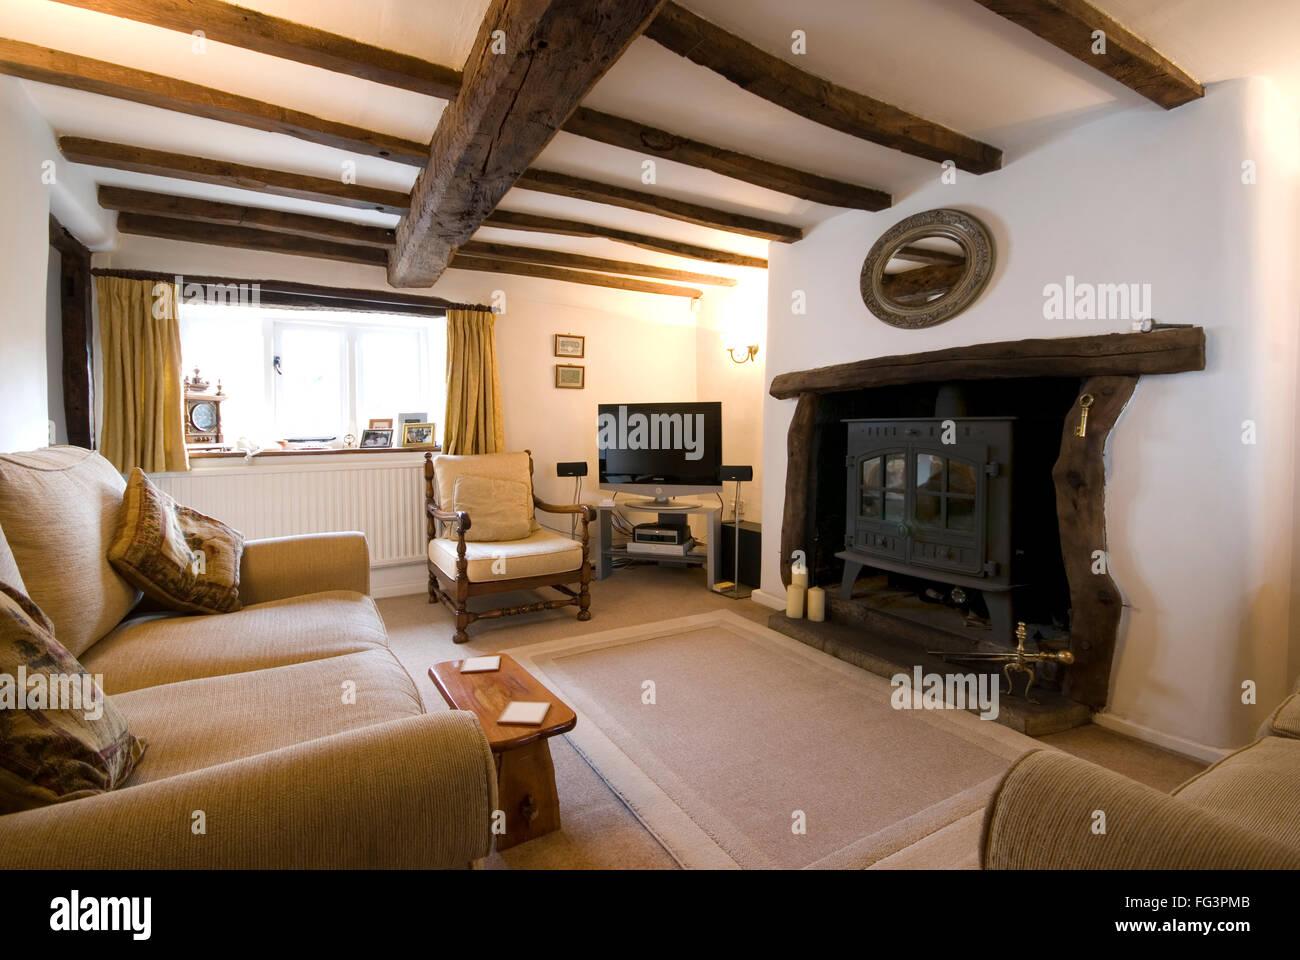 Gemutliches Wohnzimmer Im Ferienhaus Mit Holzofen Stockfoto Bild